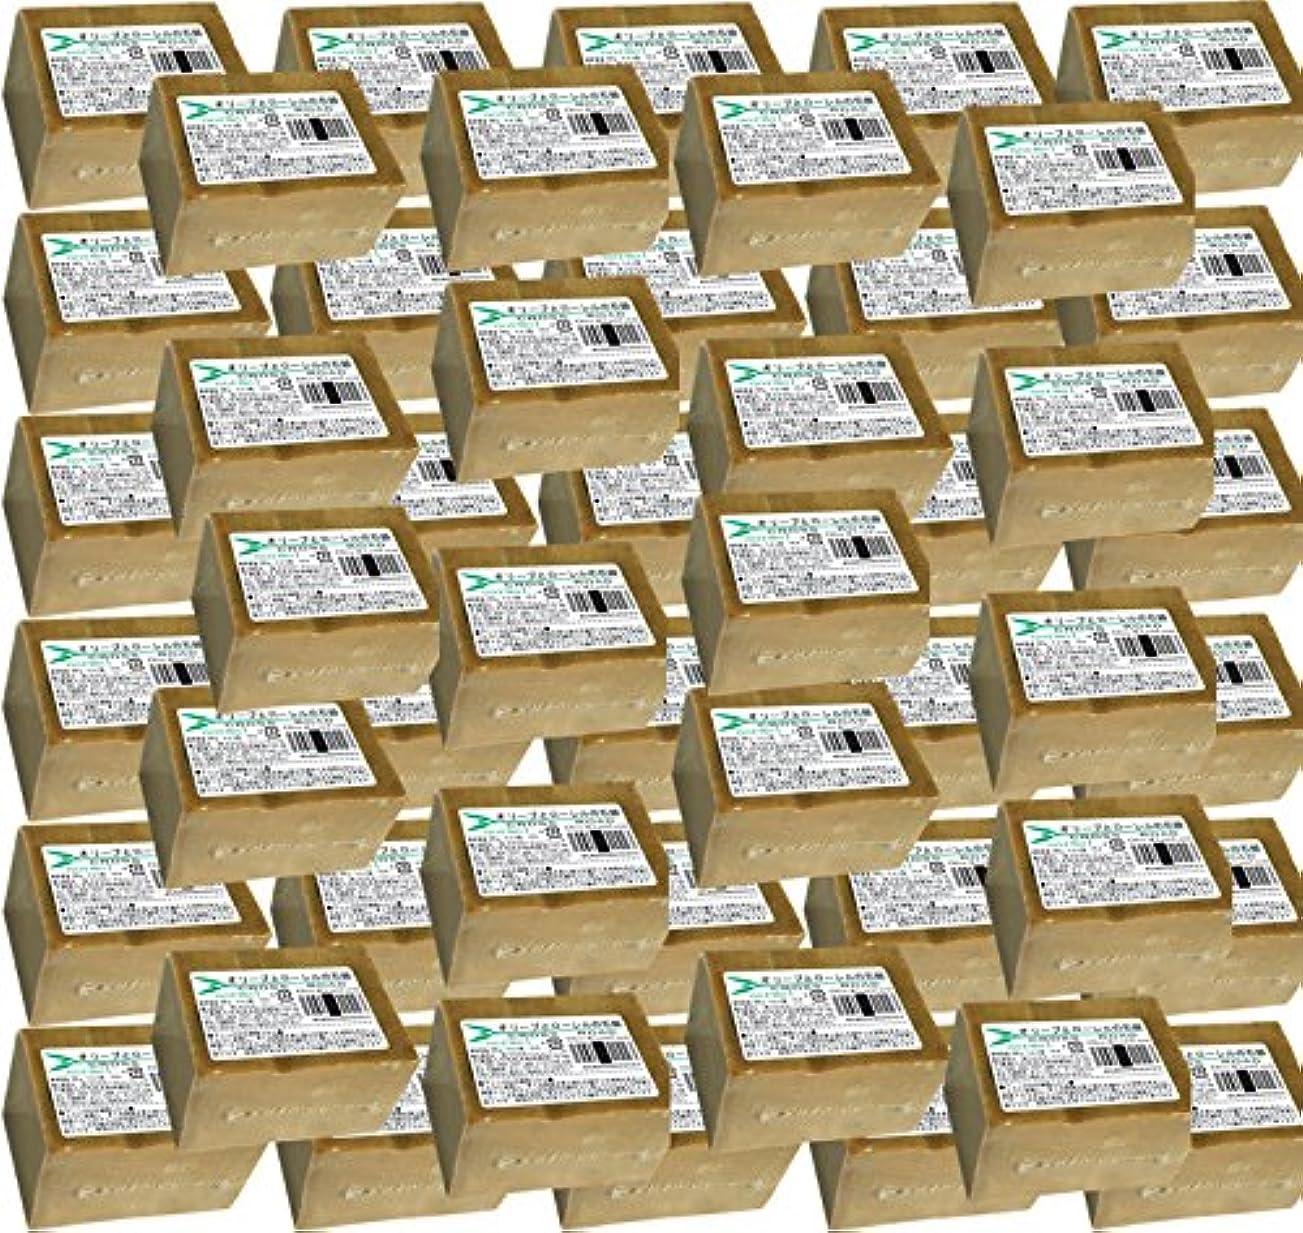 ダーベビルのテス奨学金訴えるオリーブとローレルの石鹸(ノーマル)50個セット [並行輸入品]